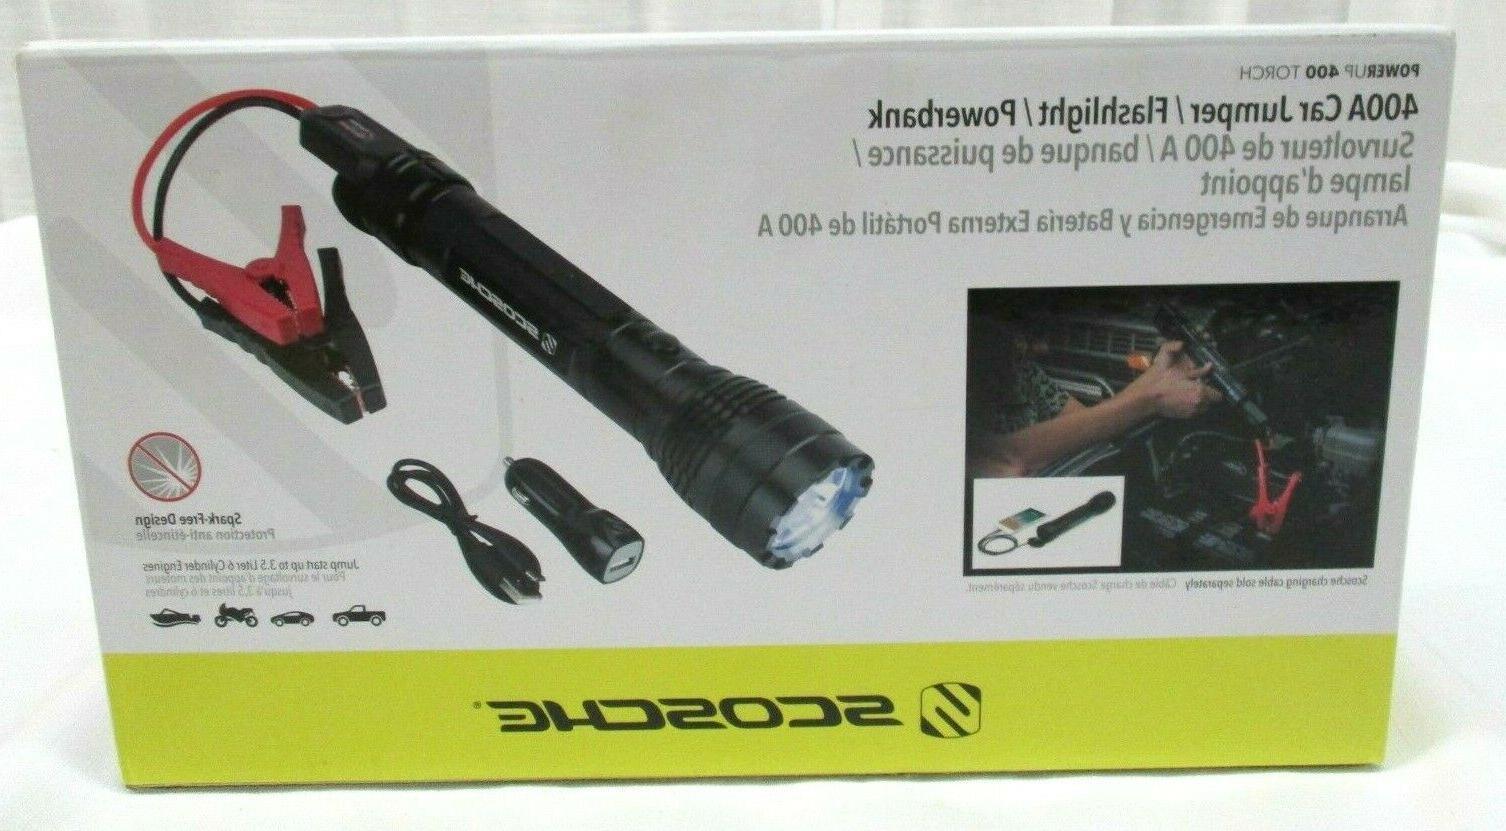 pbjf400 powerup 400 torch portable 1 000